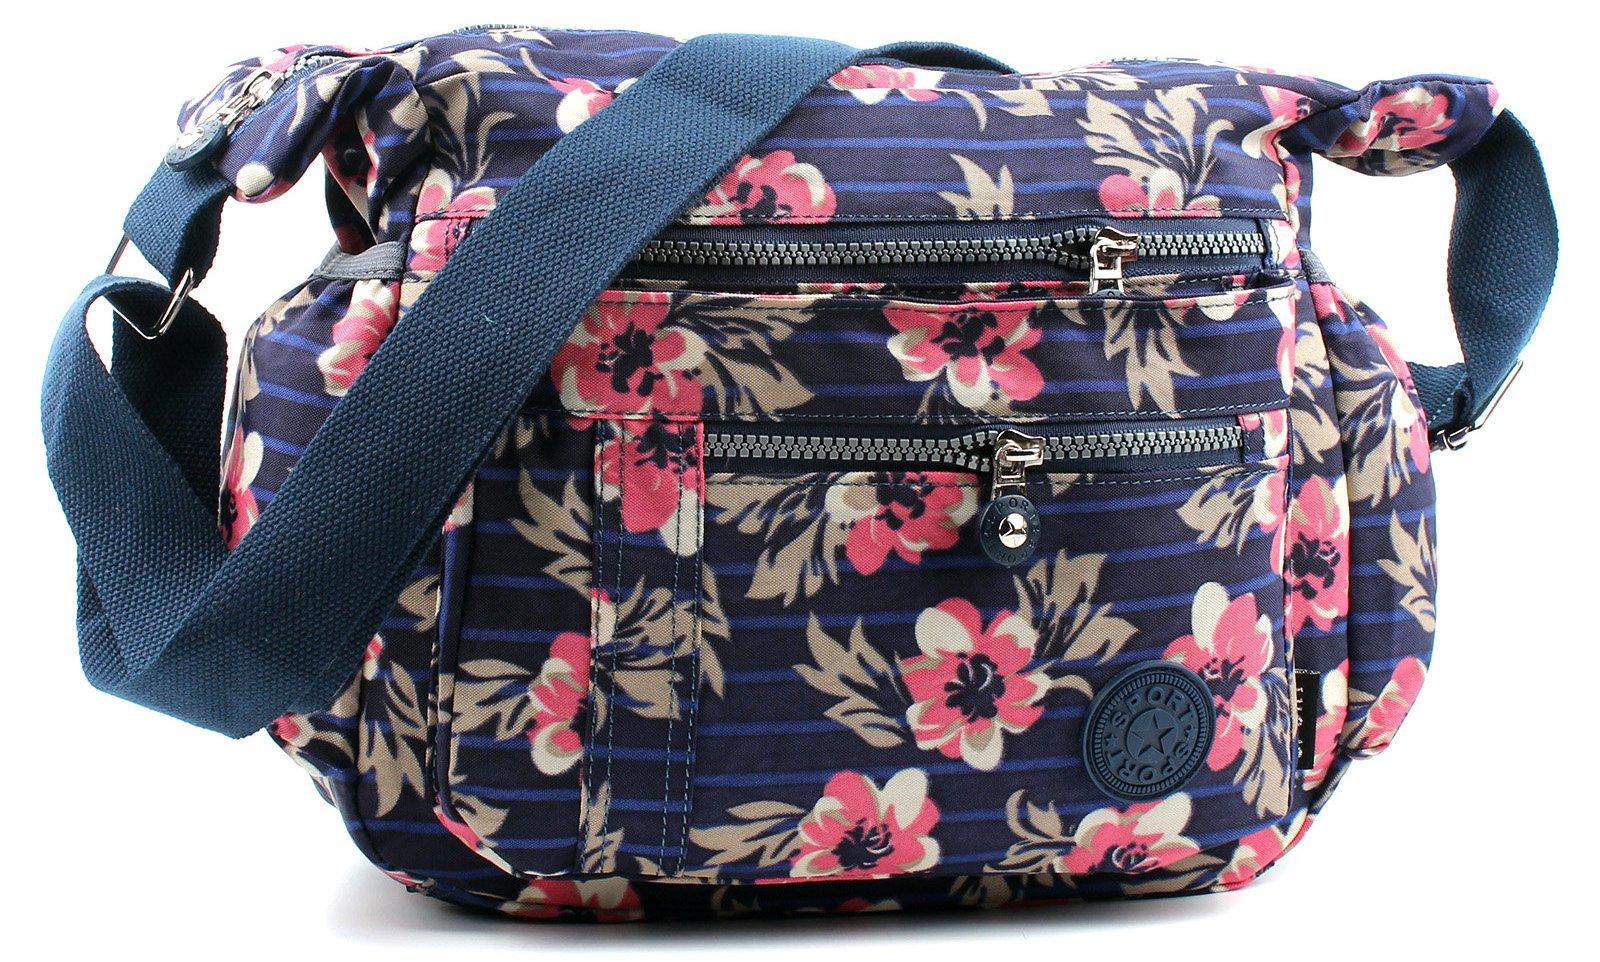 d5a239682f25 Aossta Fabric Multi Zip Pockets Cross Body Messenger Long Shoulder ...